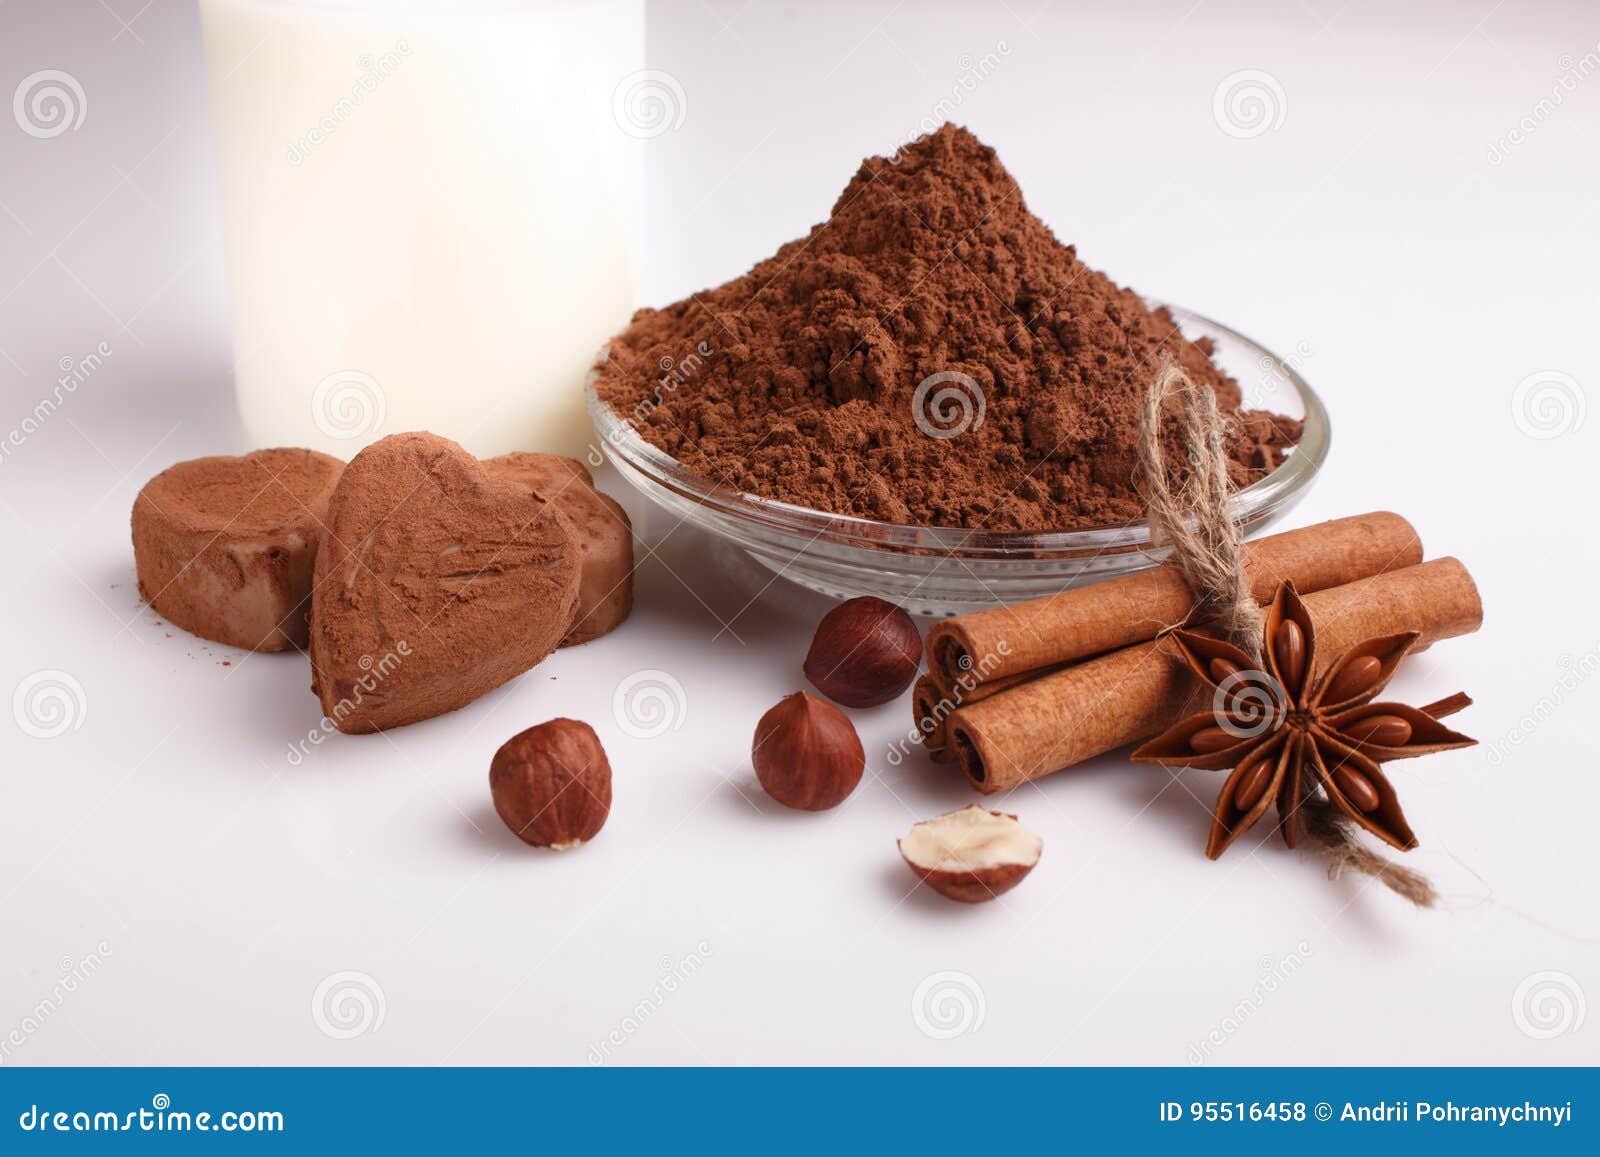 O chocolate coração-deu forma a doces em um fundo branco, composição do chocolate